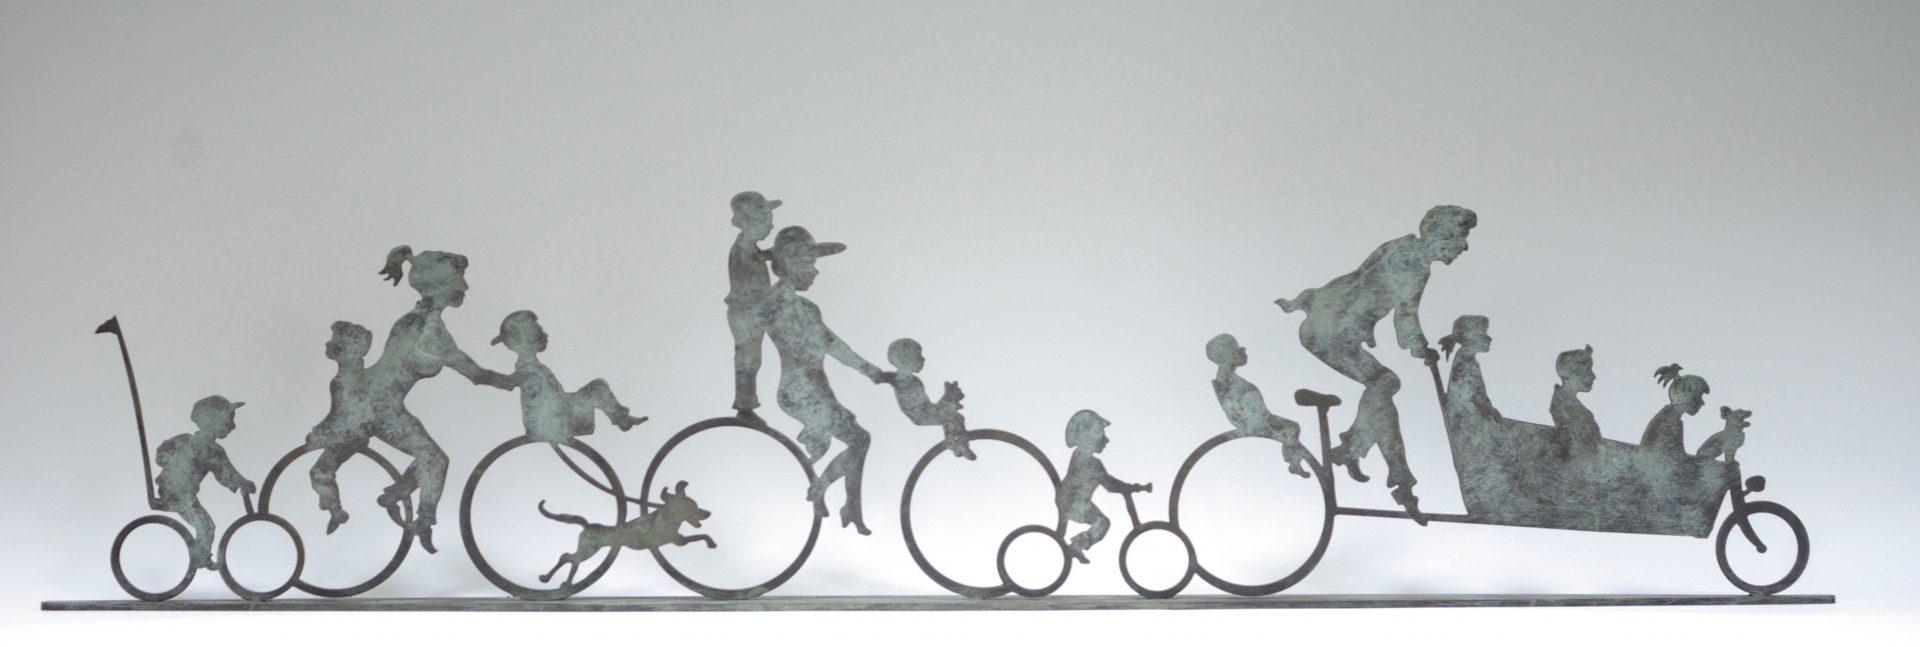 Bronzen beeld vaan Ouders die kinderen naar school fietsen met bakfiets.Vrolijk, blij, humor, geestig. Huwelijkscadeau. Kunst,brons